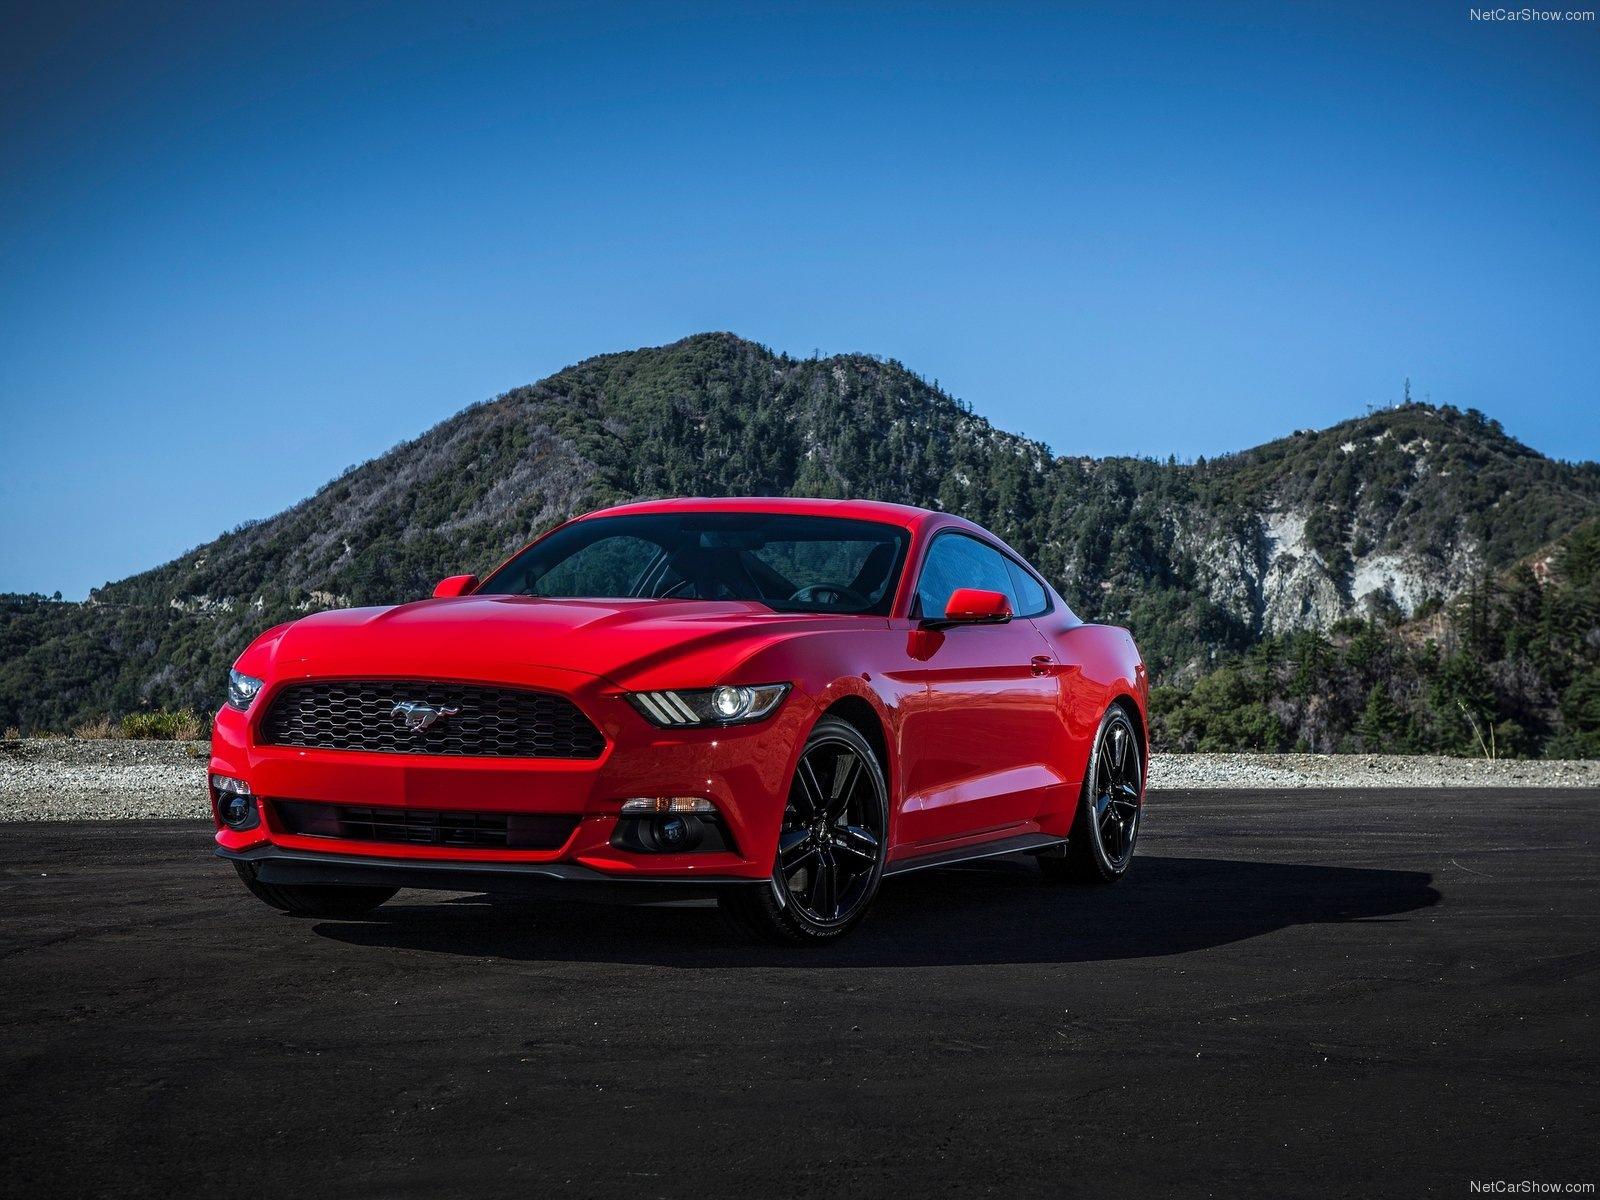 2015 Ford Mustang je najlacnejsi V8 na trhu